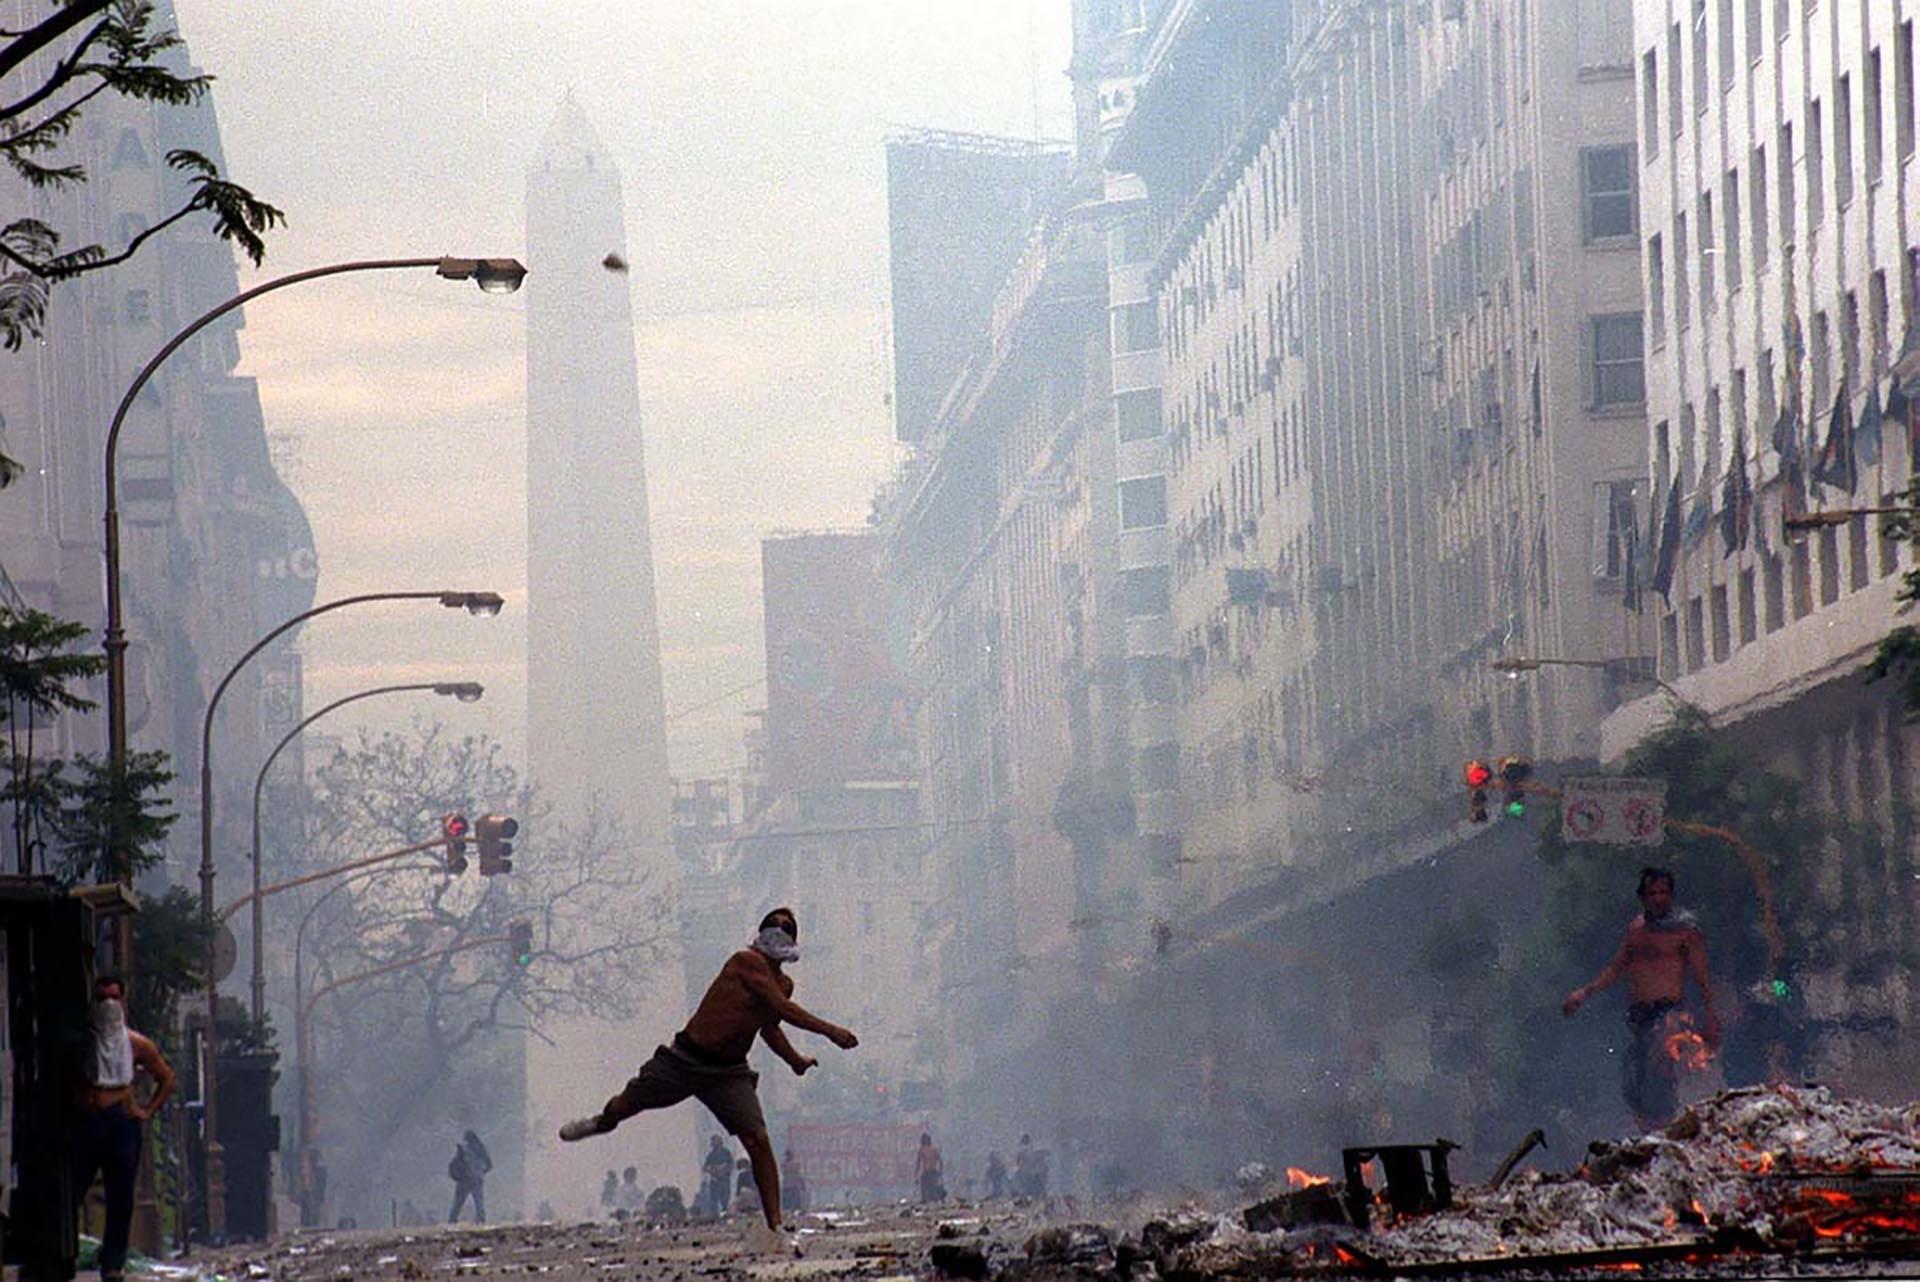 Otra imagen emblemática de lo que ocurrió en las calles porteñas en diciembre de 2001 (Télam)